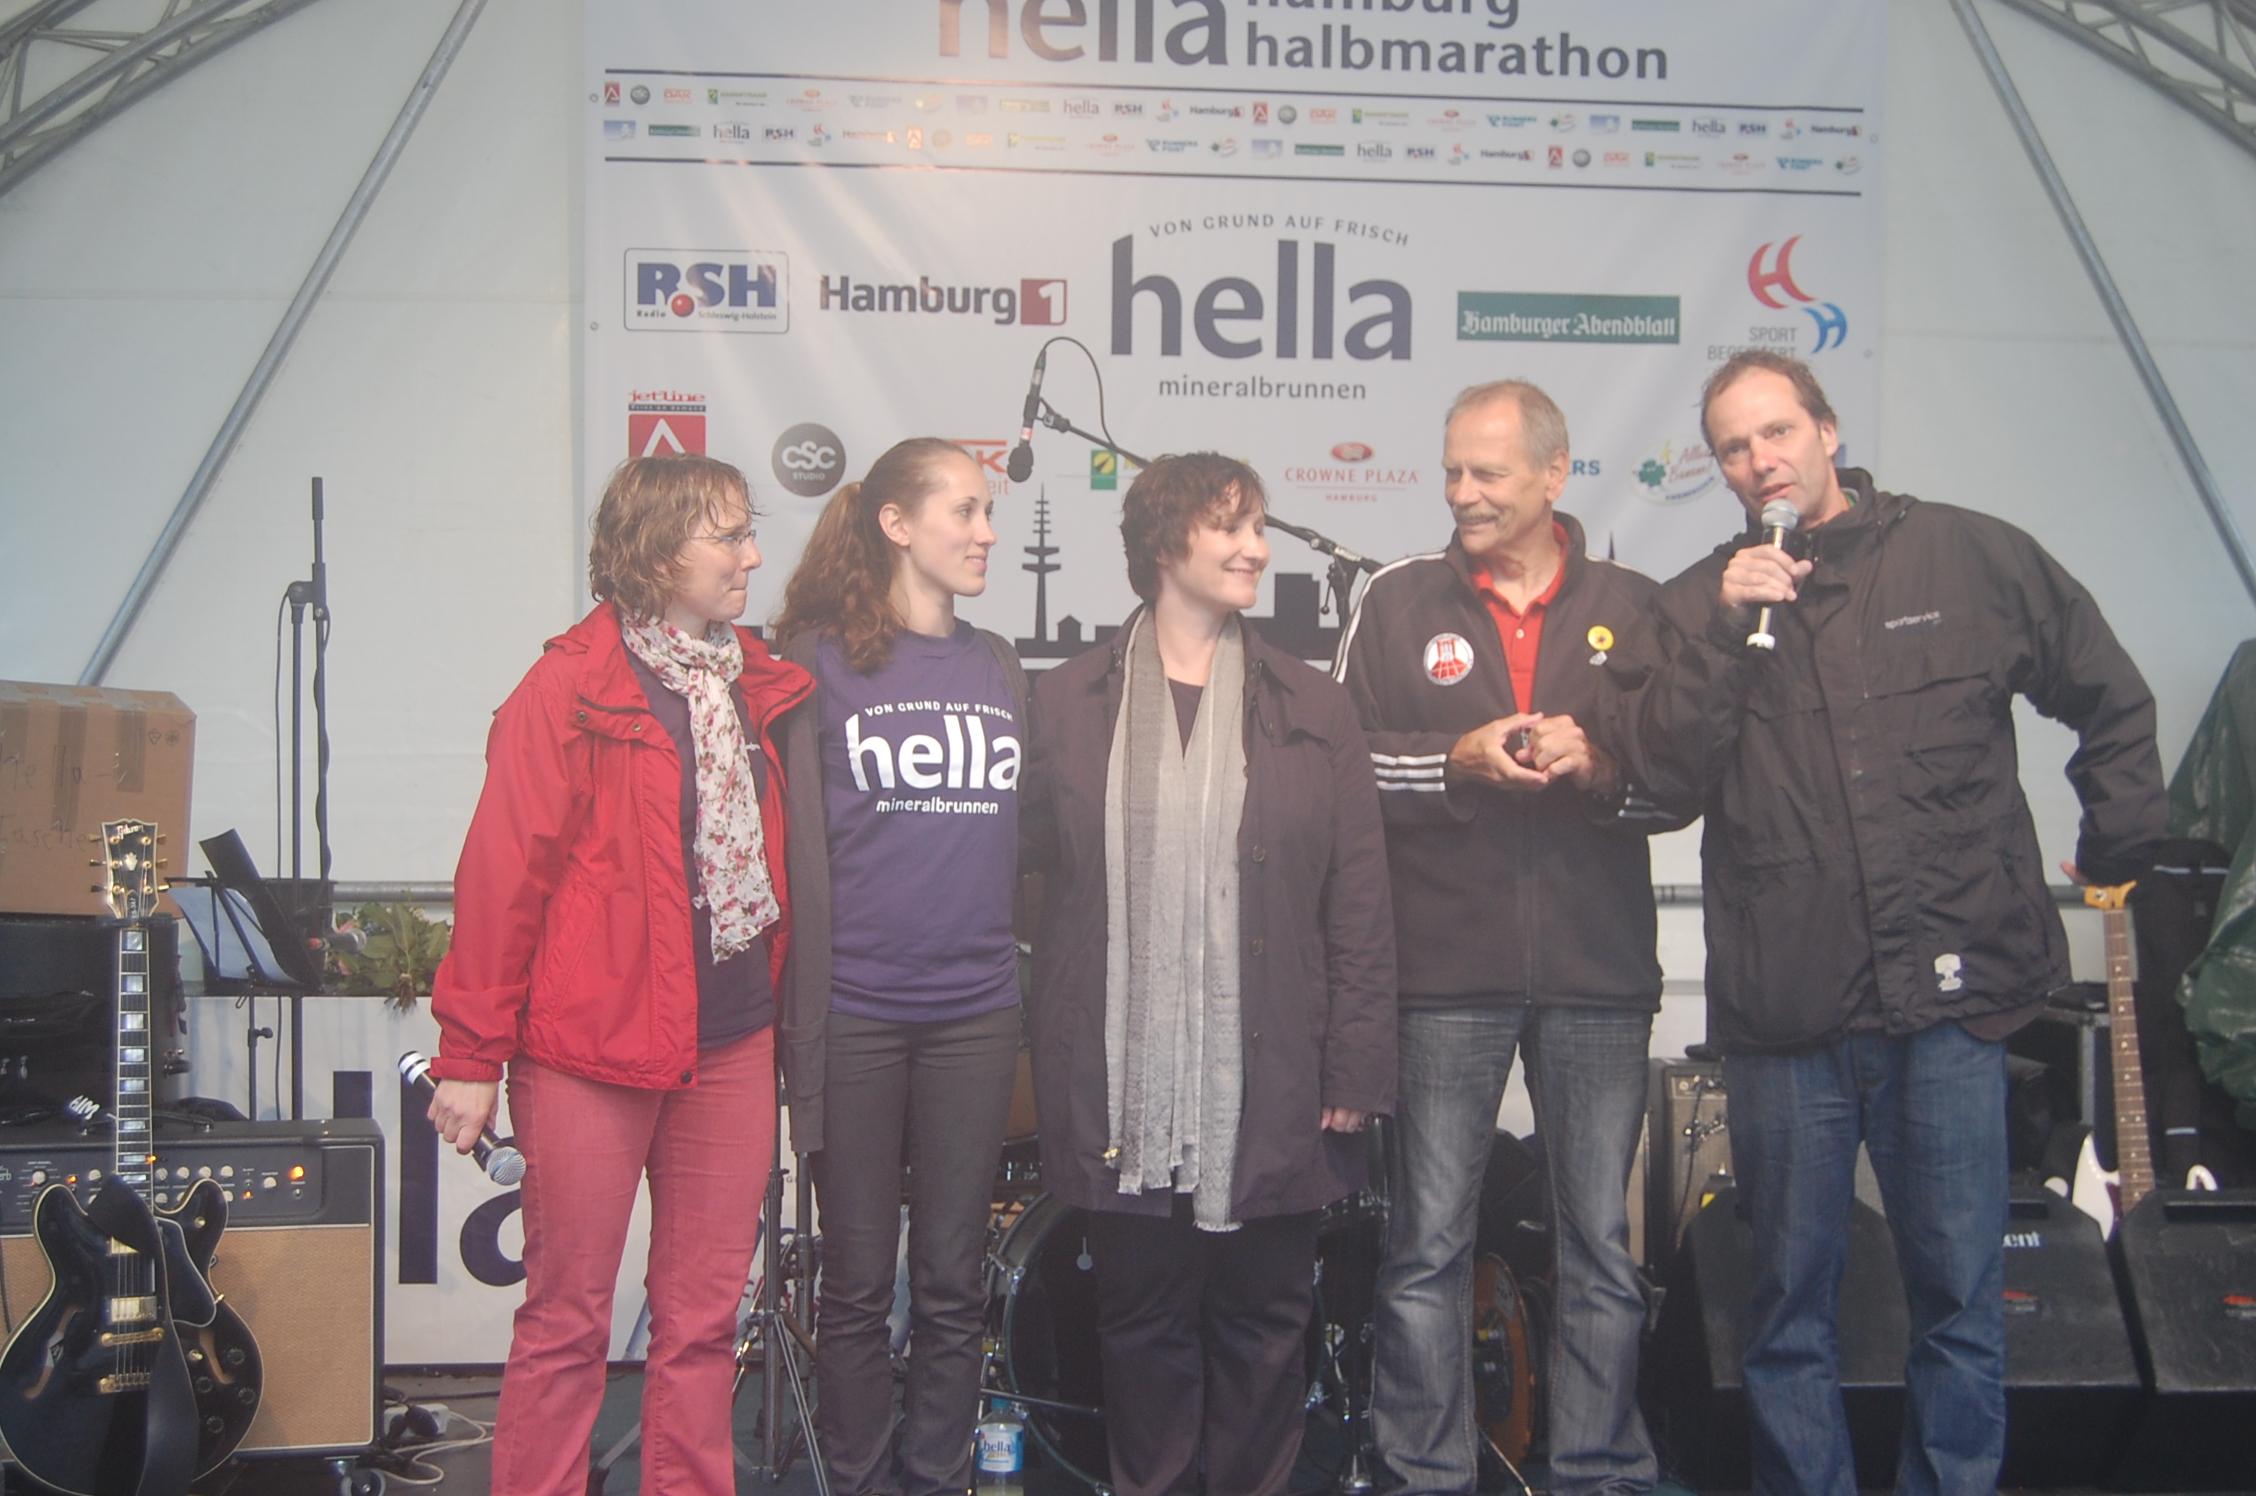 18. hella Halbmarathon: Das Orga-Team verabschiedet sich